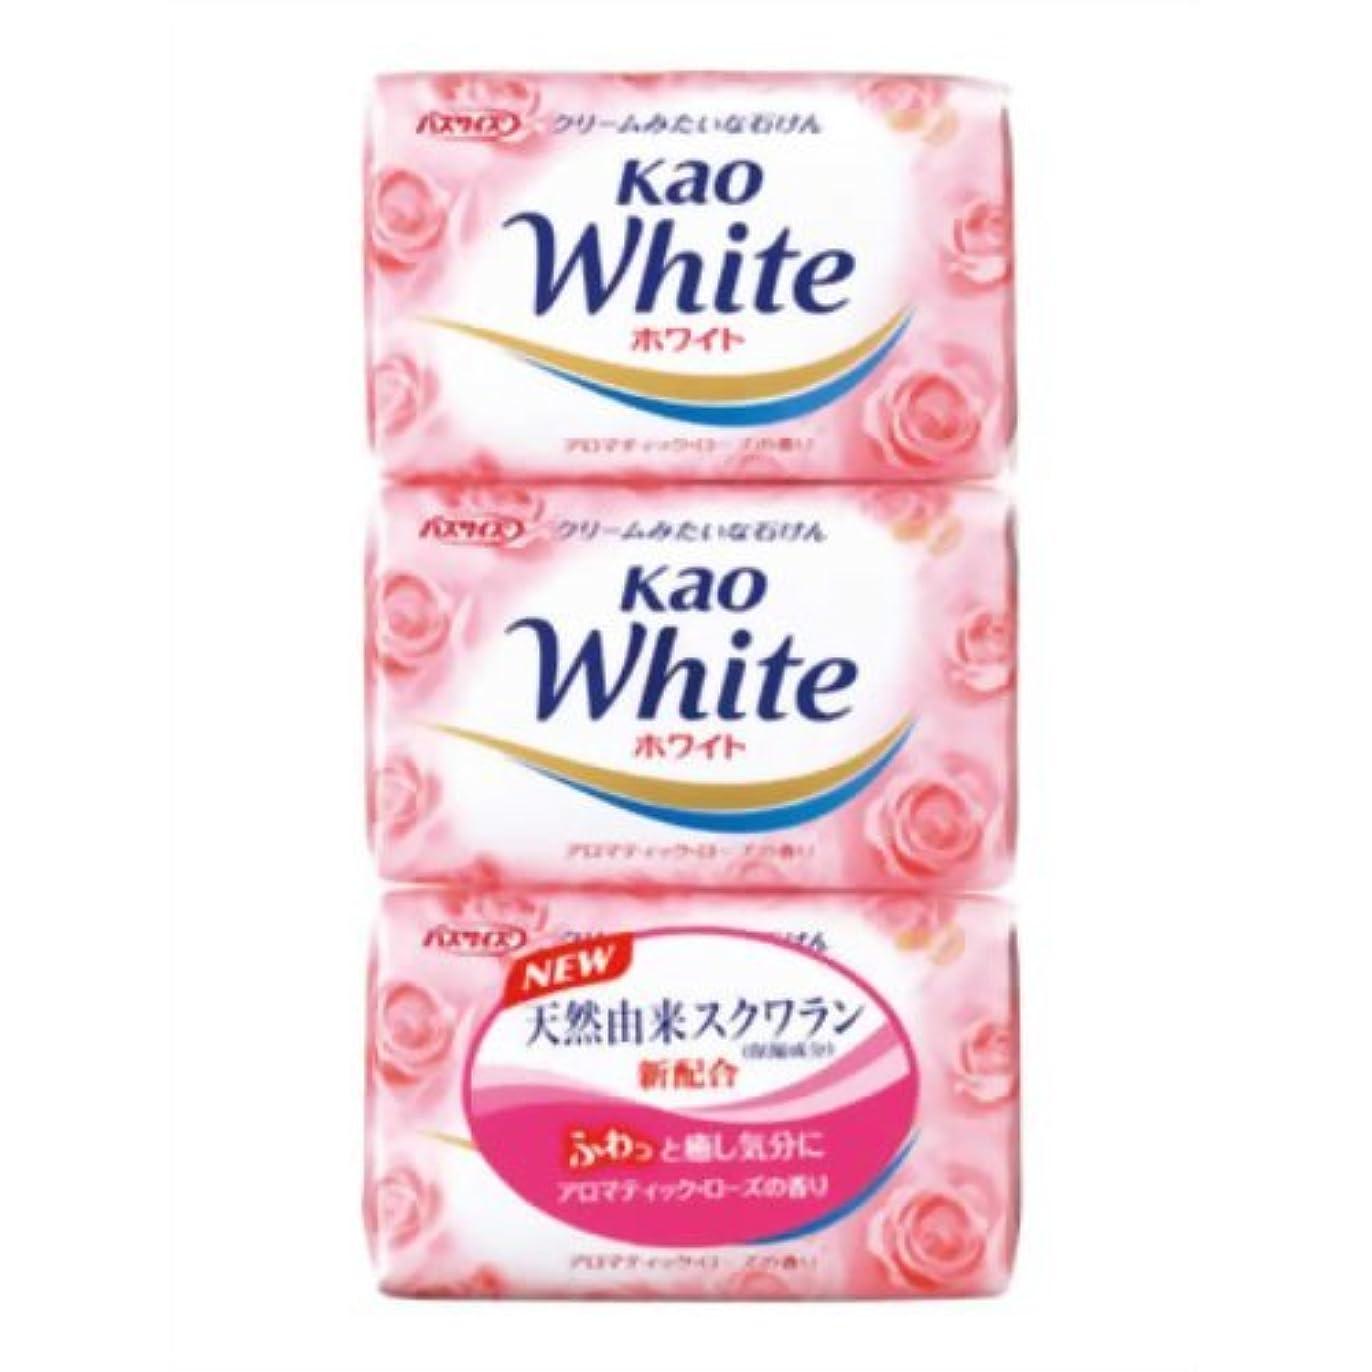 剥ぎ取る焼く口述する花王ホワイト アロマティックローズの香り バスサイズ 130g*3個入